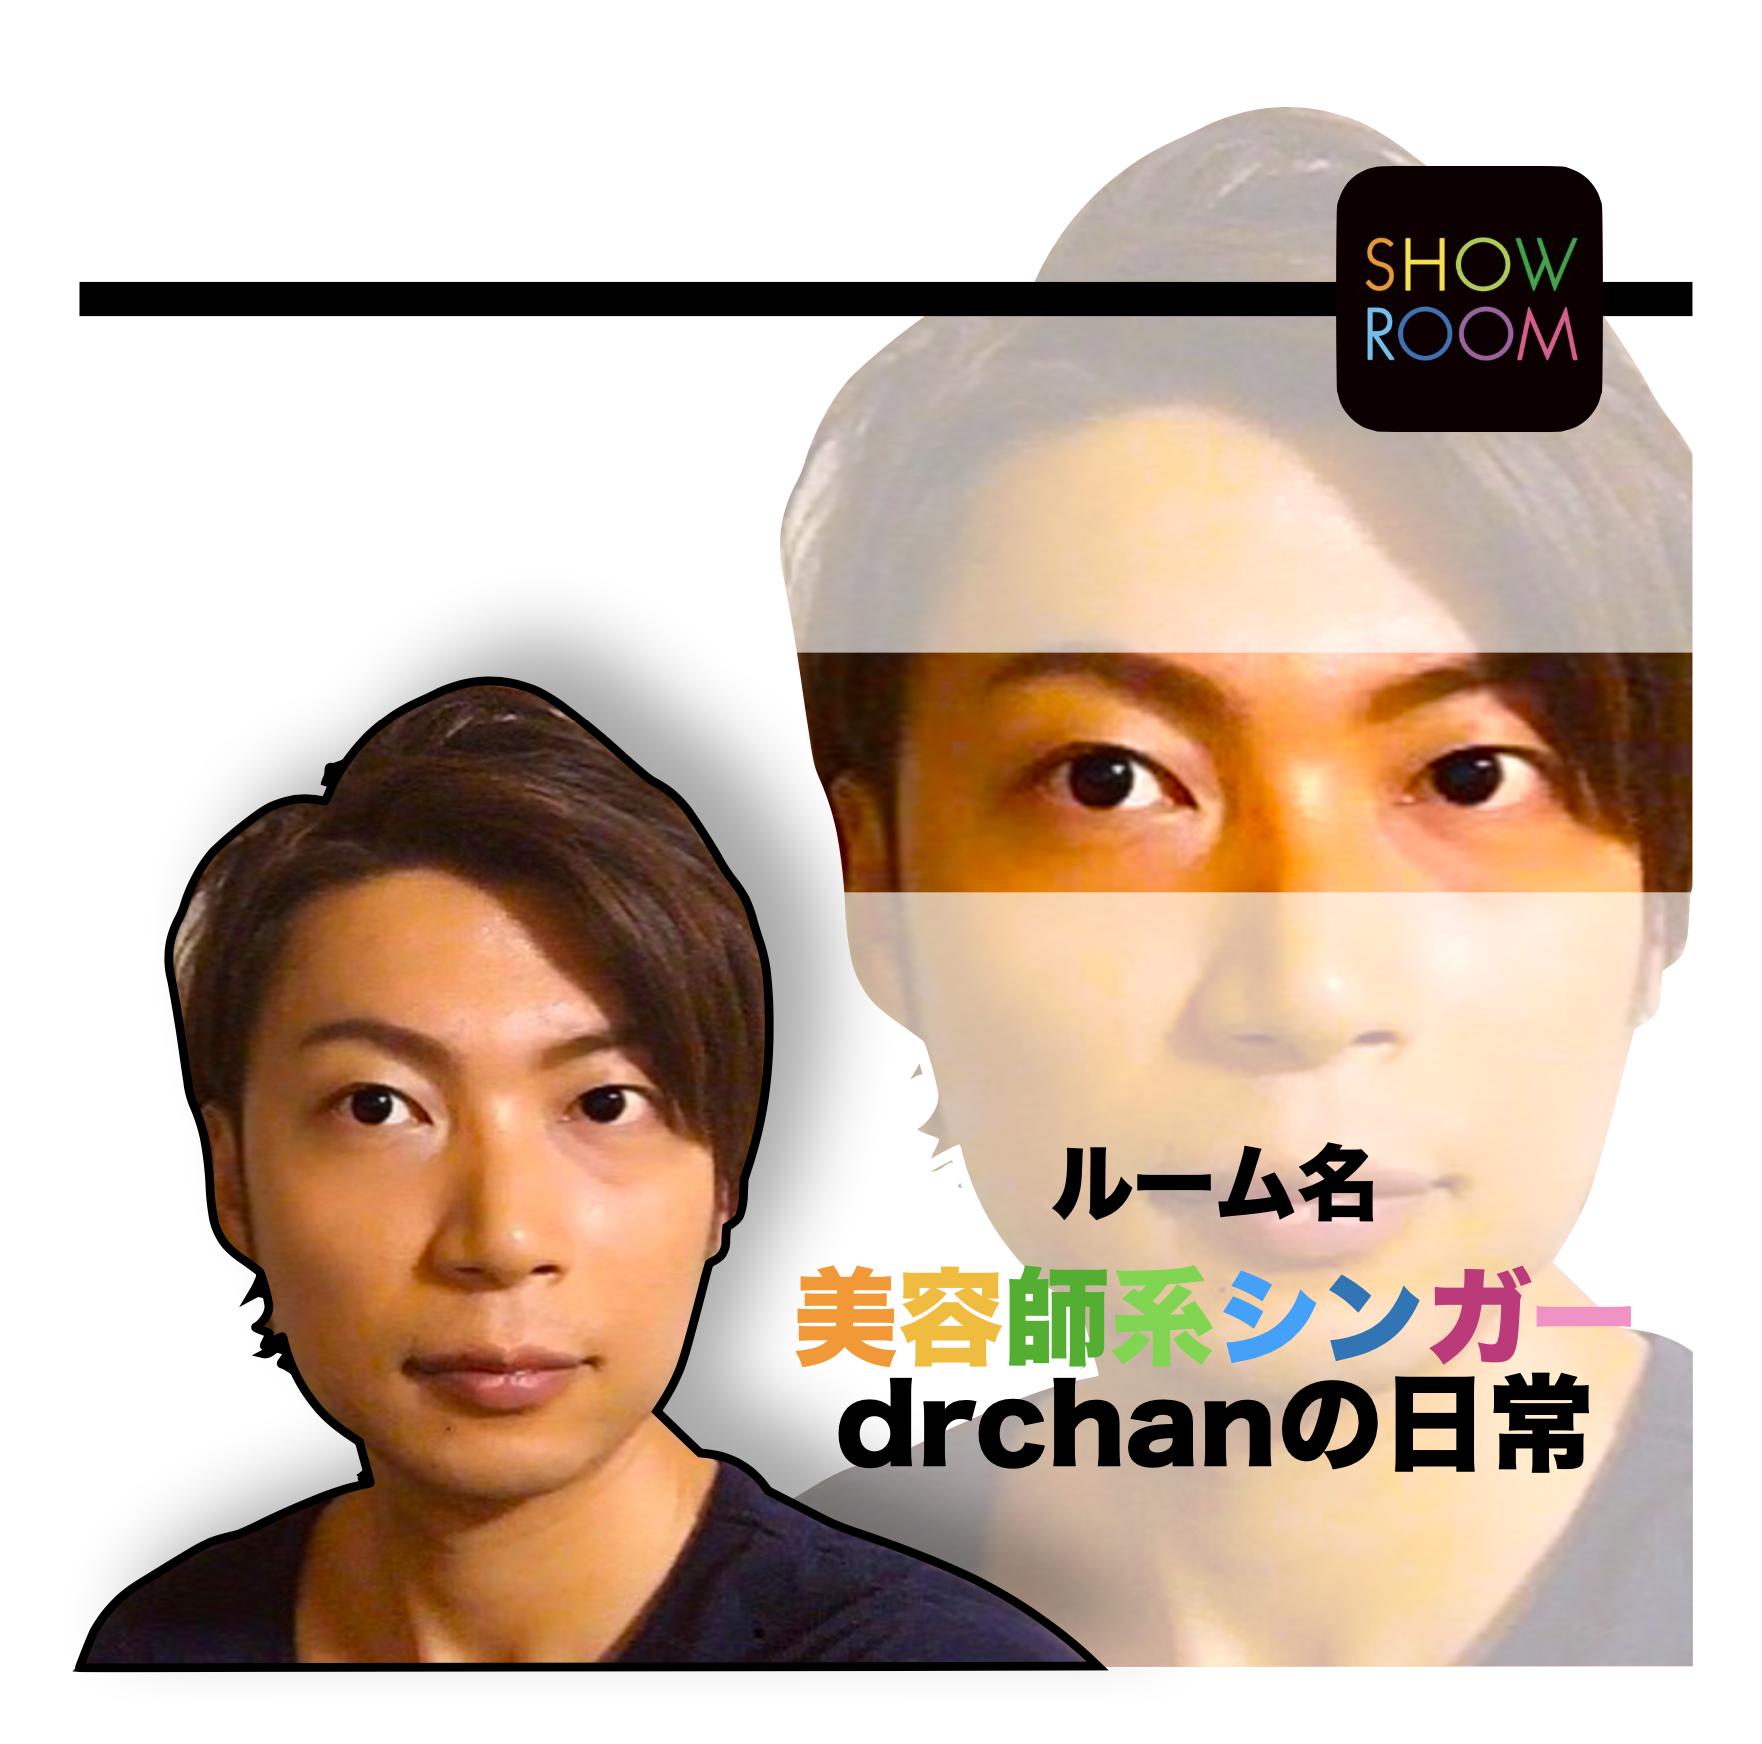 drchan